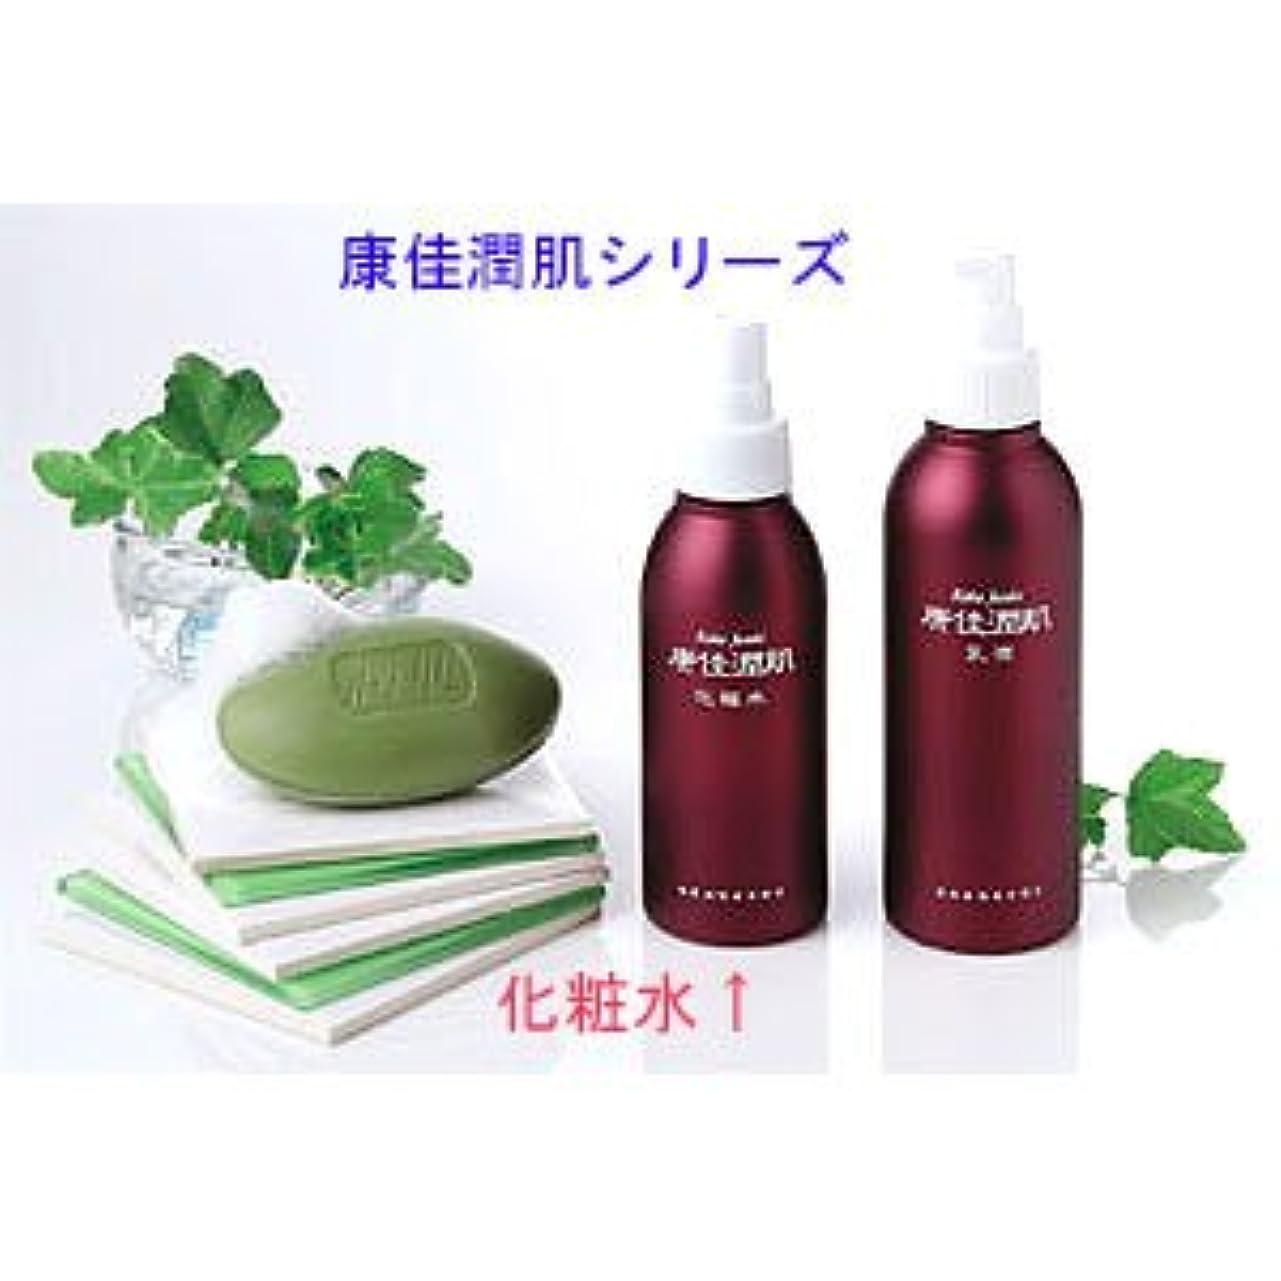 ブラスト費やす運搬『康佳潤肌(こうかじゅんき)化粧水』赤ちゃん、アトピー、敏感肌の方のために!医師が開発した保湿と清浄に優れた漢方薬入り化粧品。